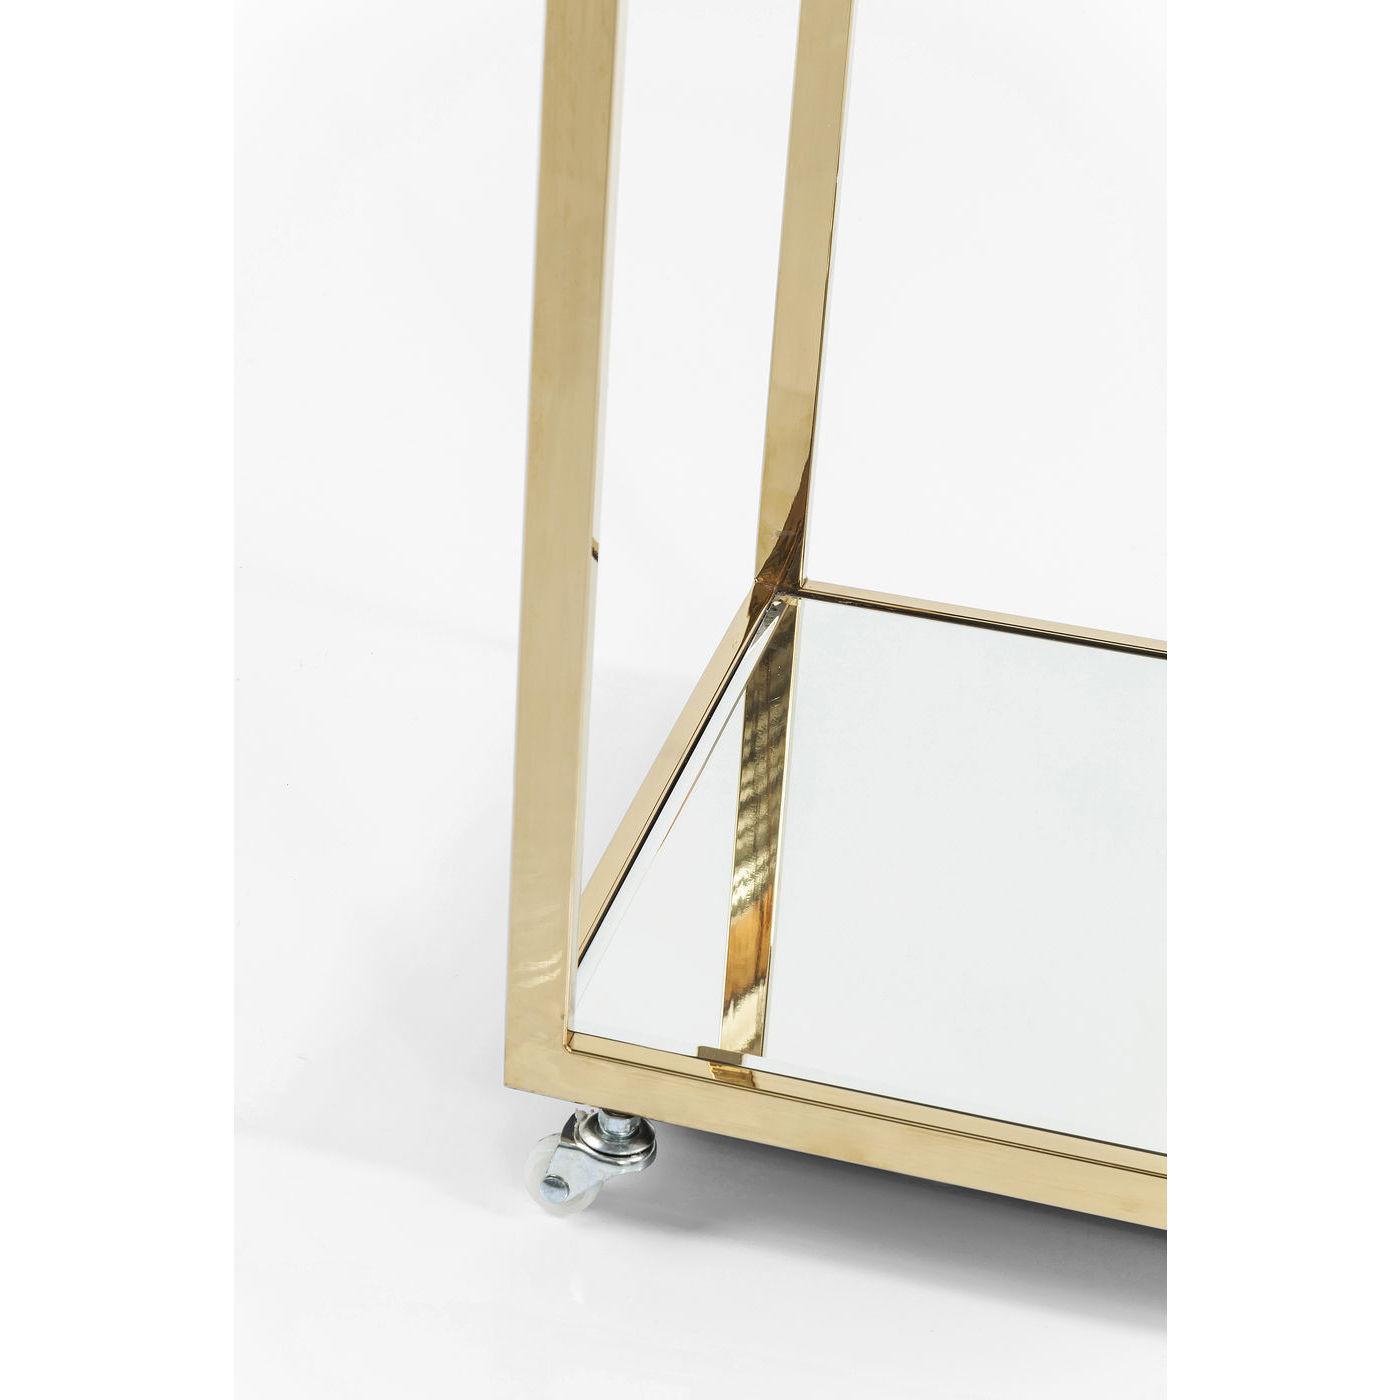 servierwagen bartisch tisch dessertwagen rollwagen classy gold neu kare design ebay. Black Bedroom Furniture Sets. Home Design Ideas